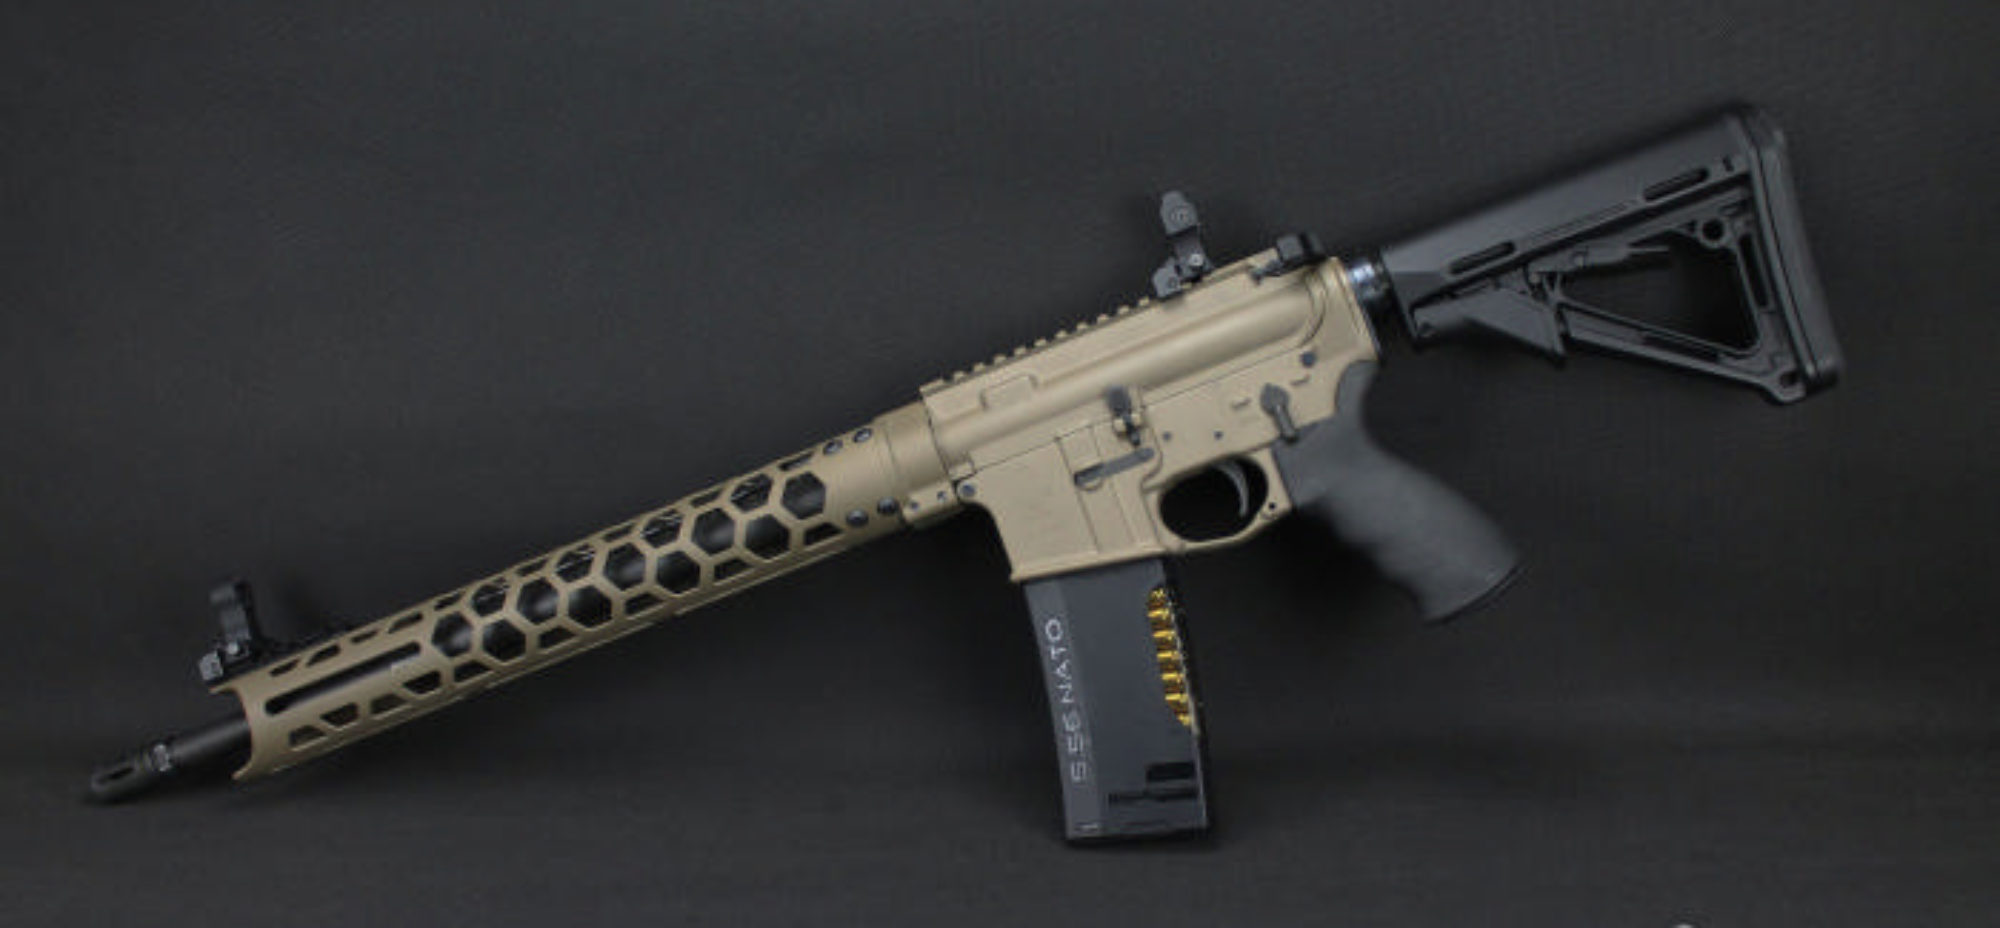 Peterssen Gunworks